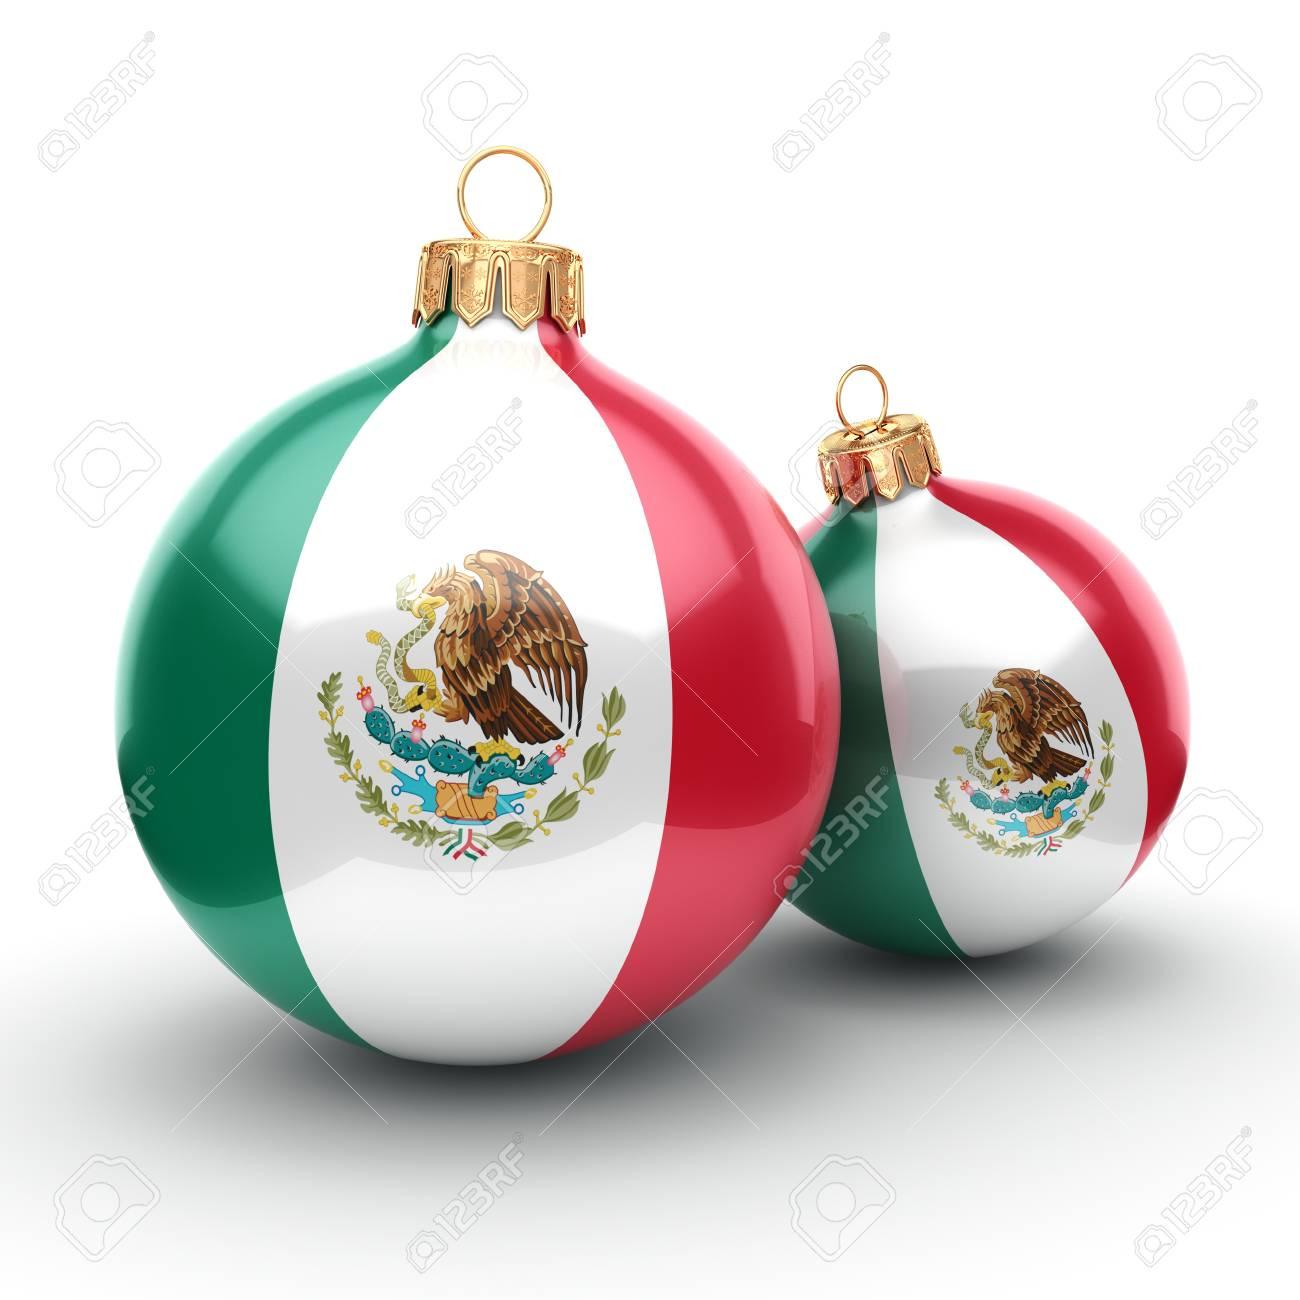 como decorar una bola de navidad beautiful - Como Decorar Una Bola De Navidad